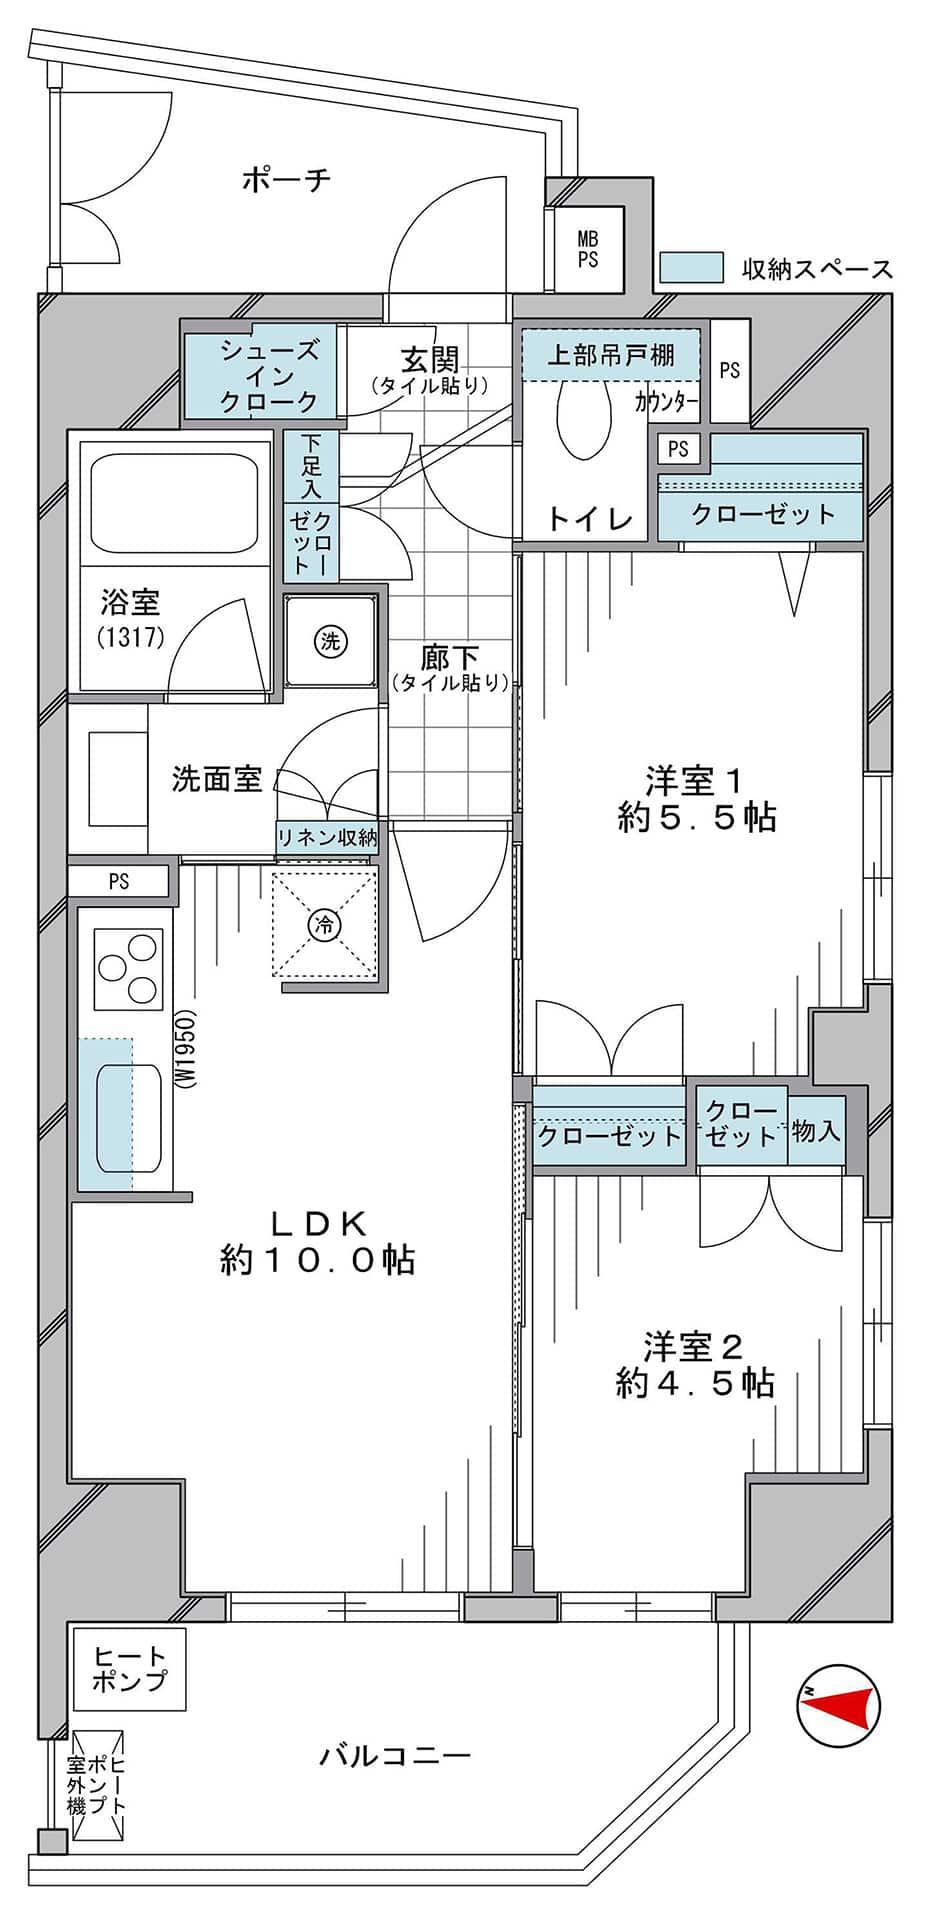 新御徒町 4駅5路線が使える元浅草エリア